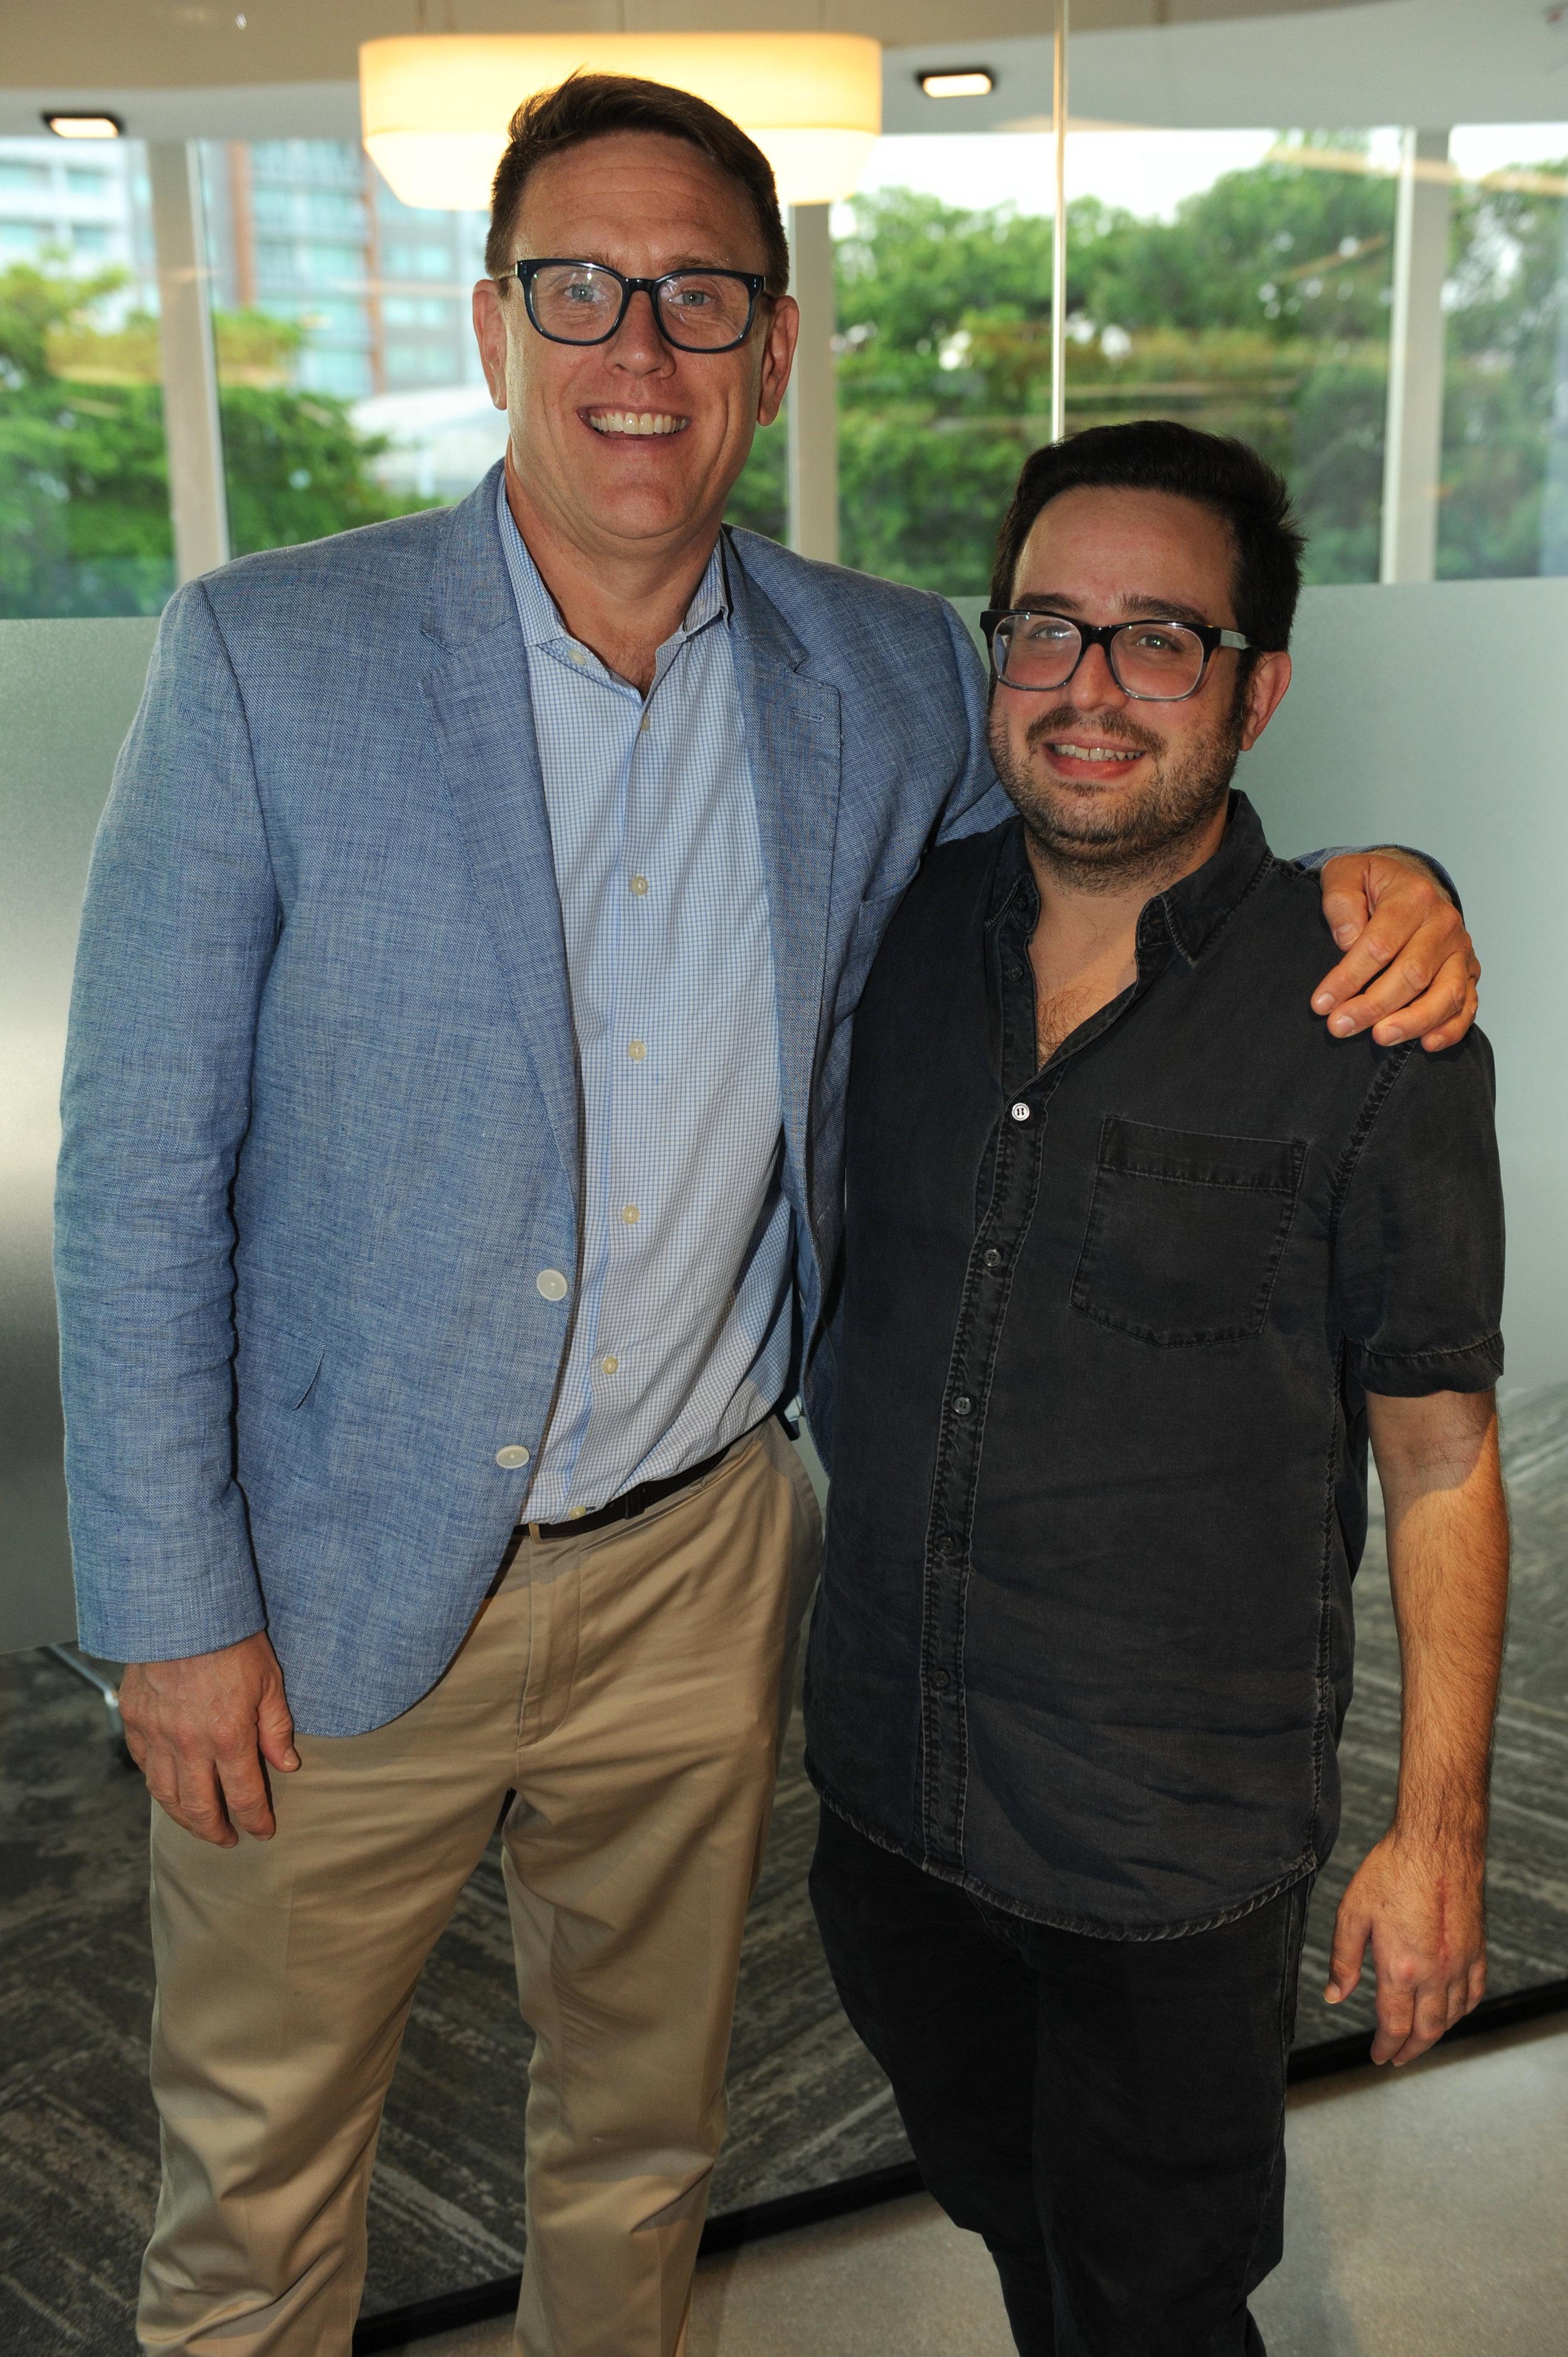 Stephen Larkin & Danny Diaz